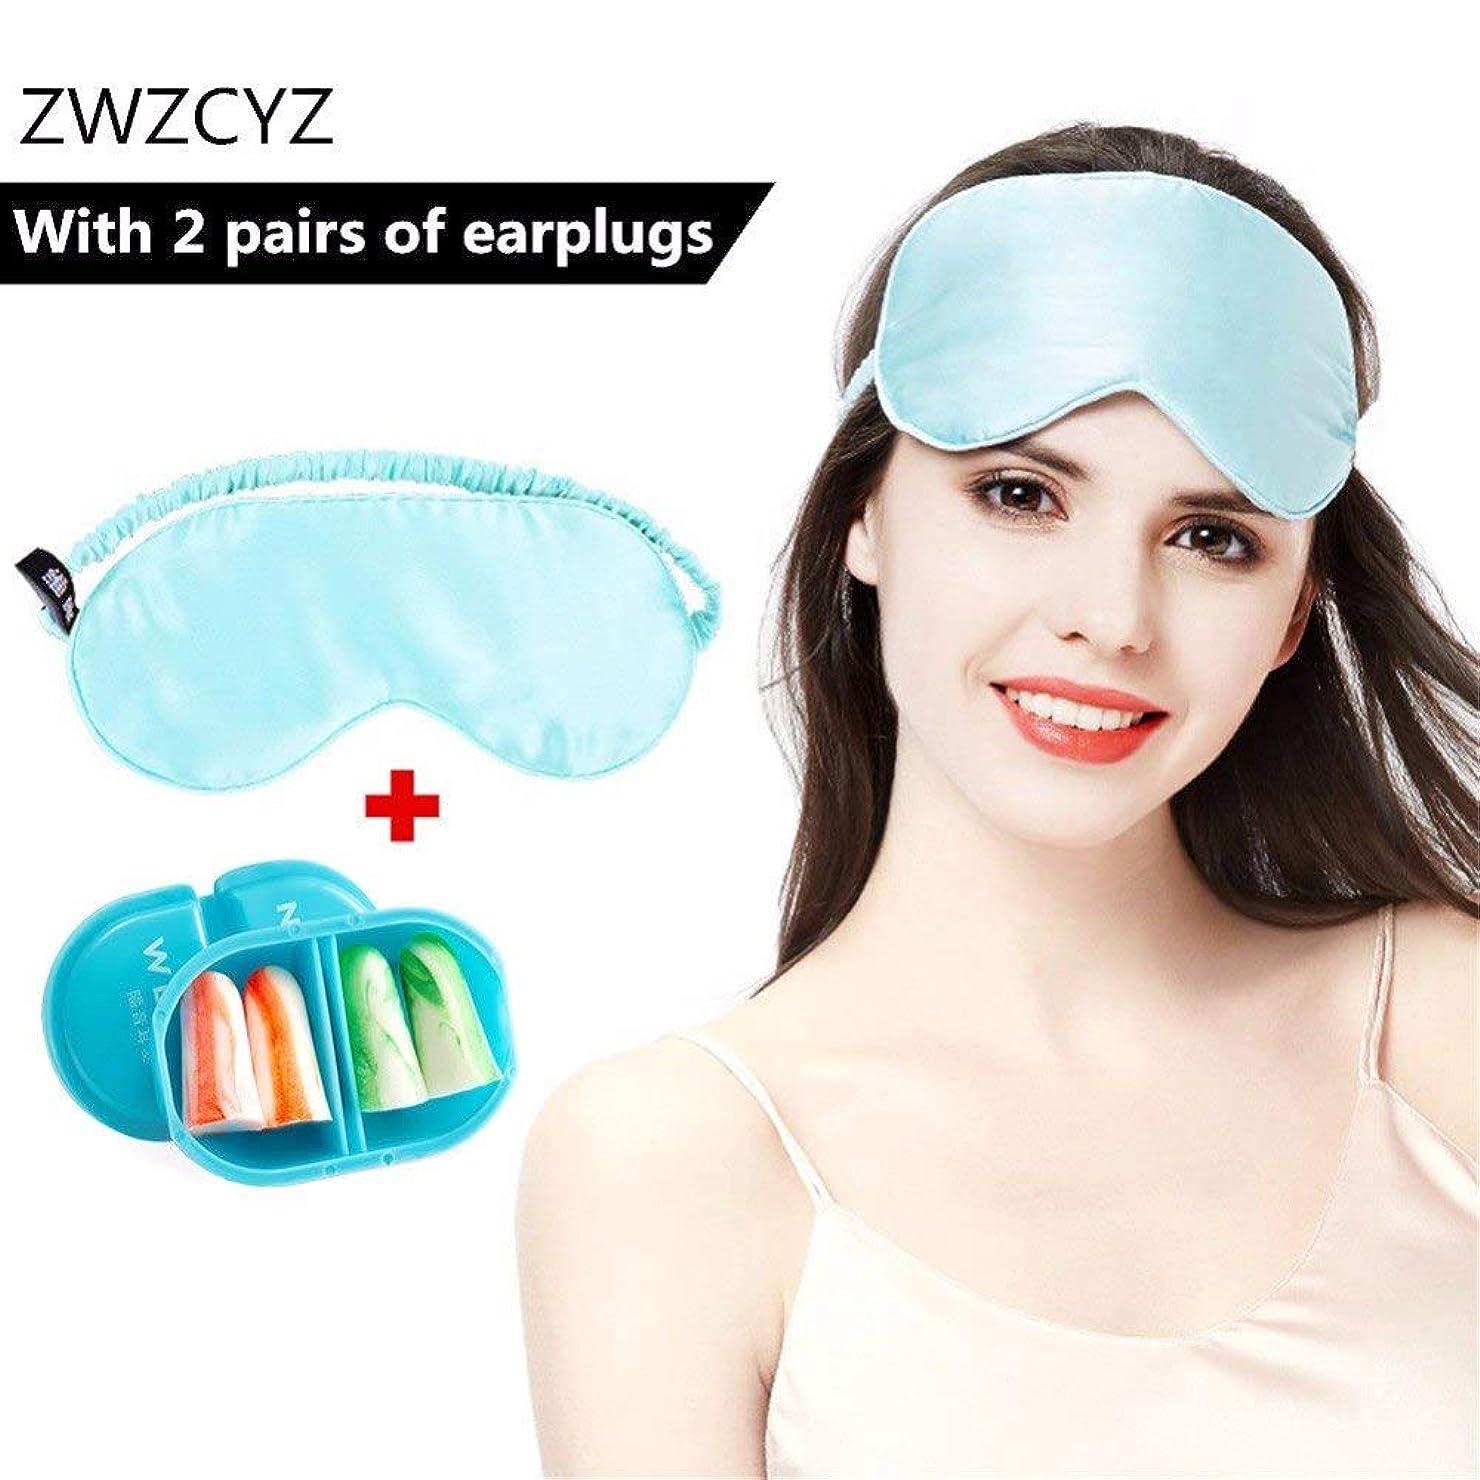 アボートパンダアンタゴニストNOTEナチュラルシルクスリーピングマスク、目隠し、ZWZCYZユニセックスアジャスタブルストラップアイマスクディープレストアイマスクforオフィス/トラベル/ワーク